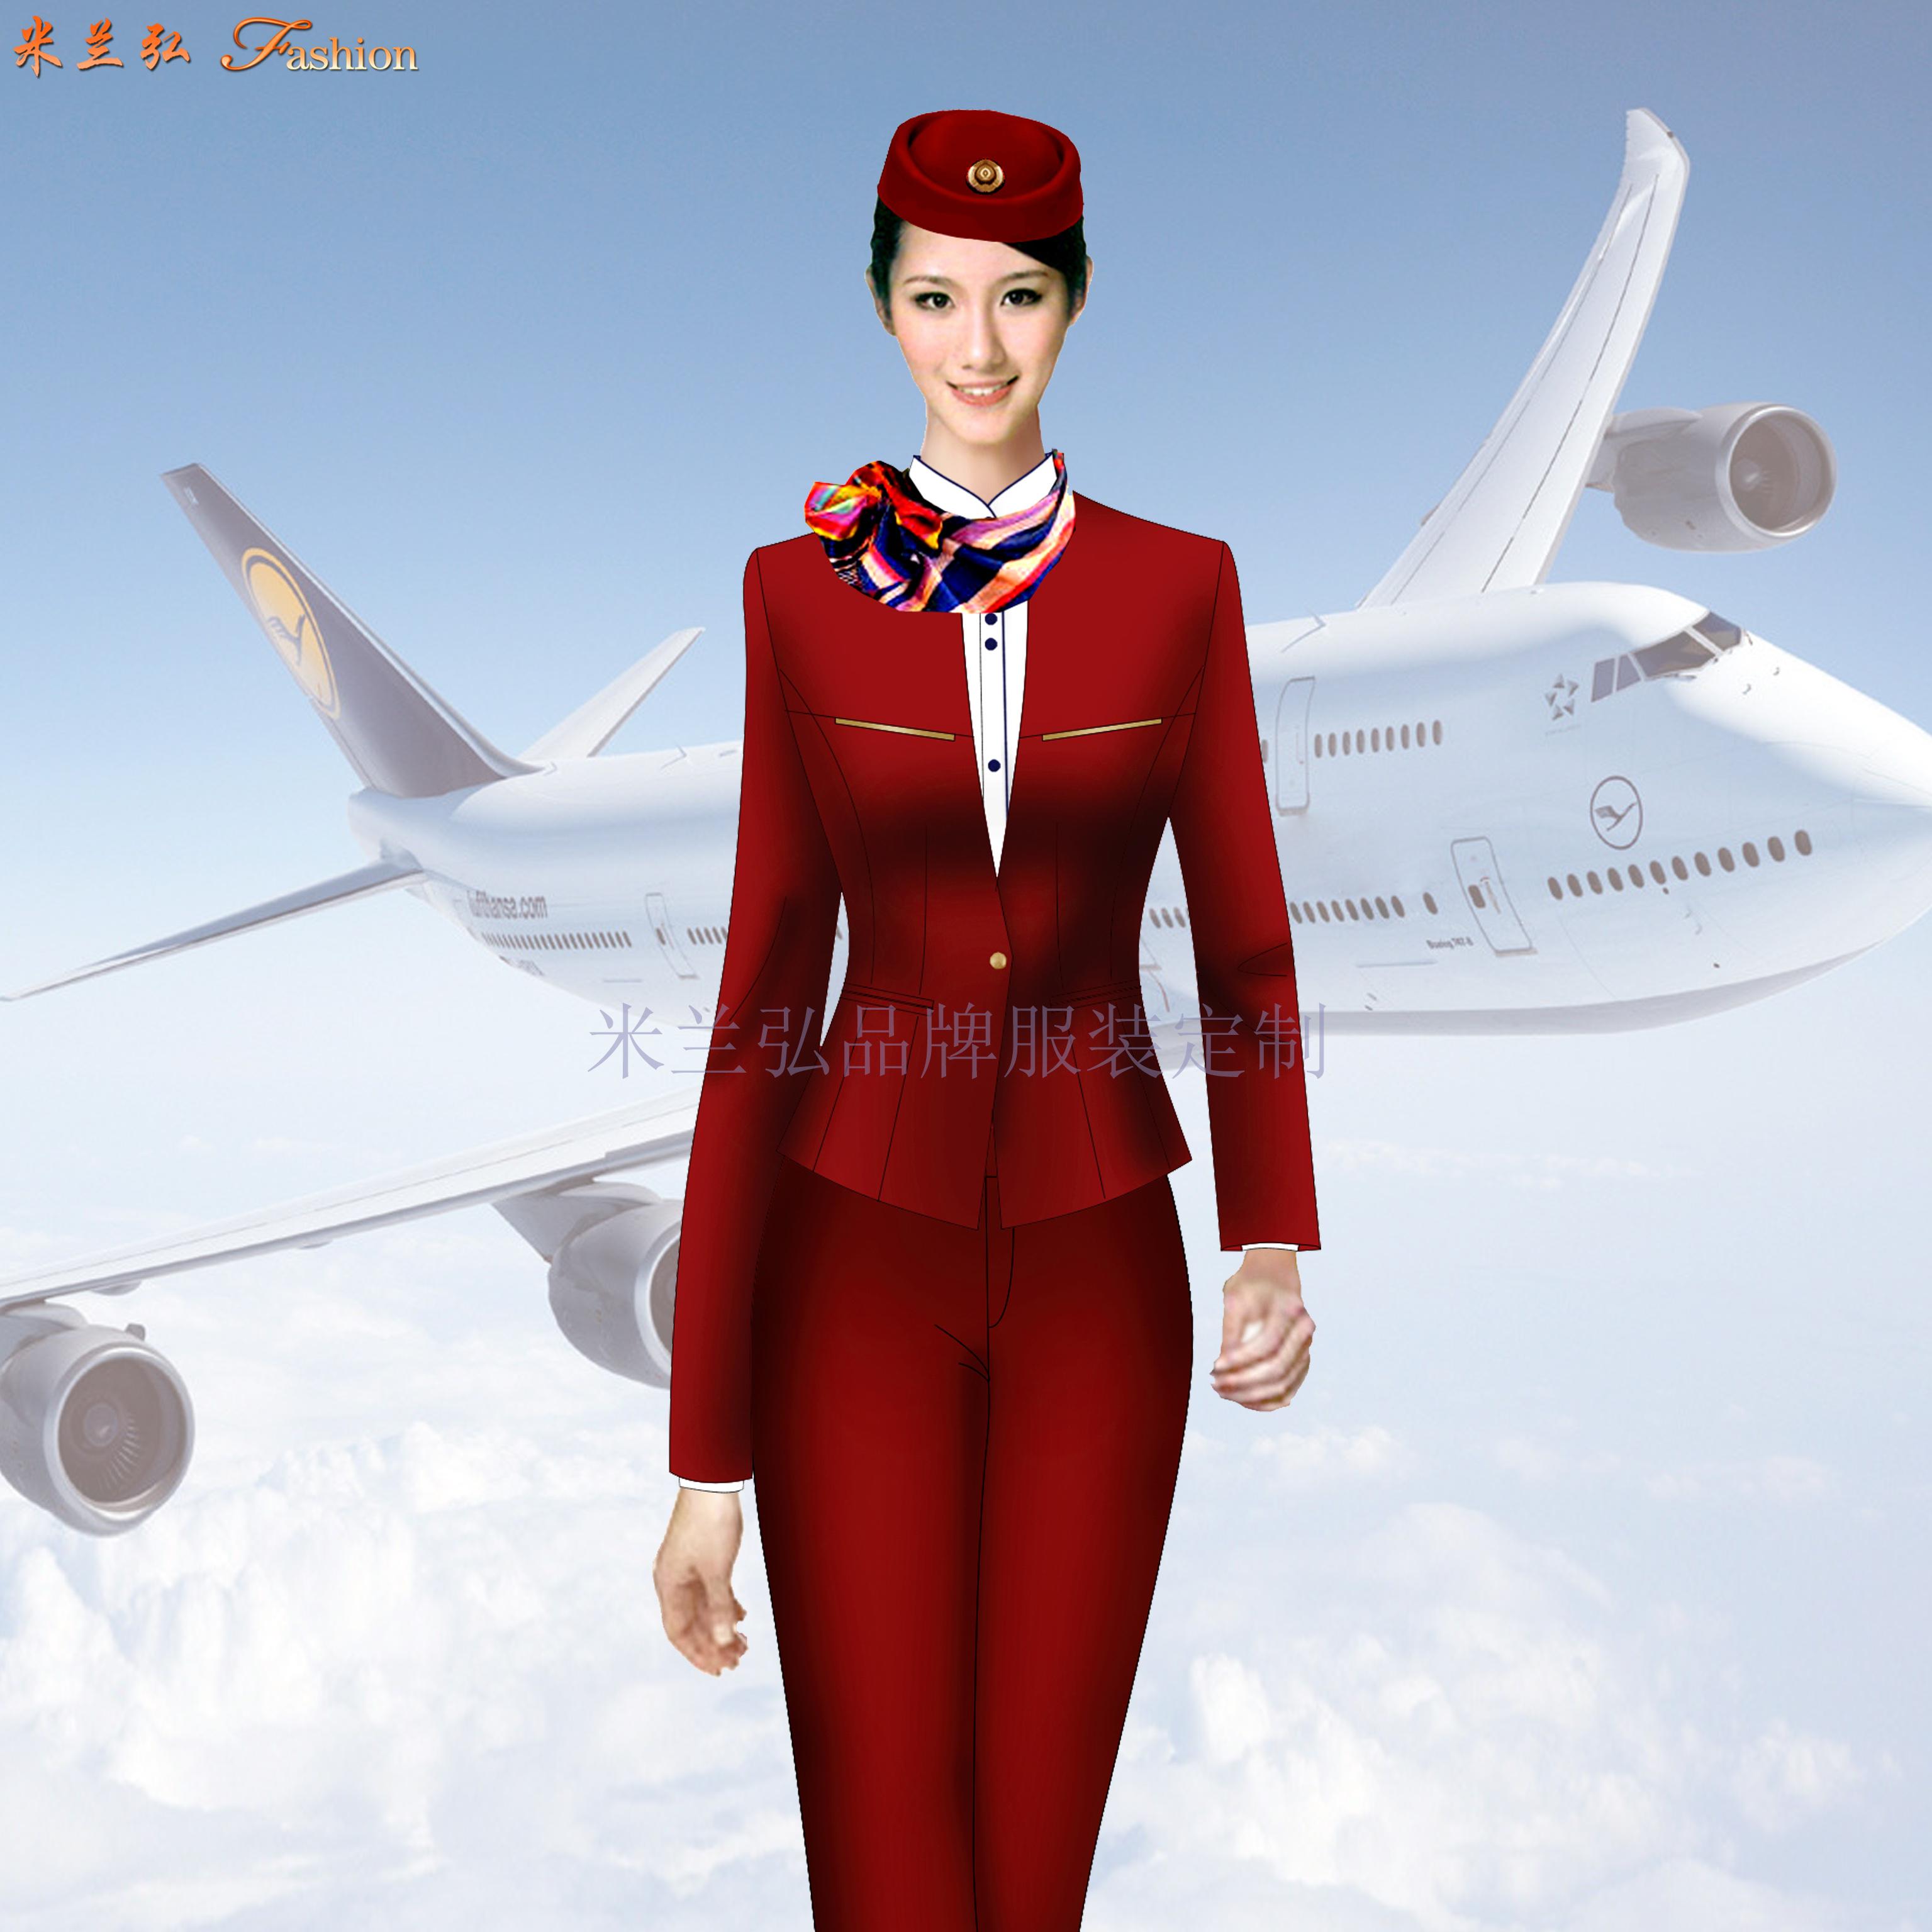 青岛空姐服定制_即墨区空姐服订制_胶州市空姐服定做👍-5